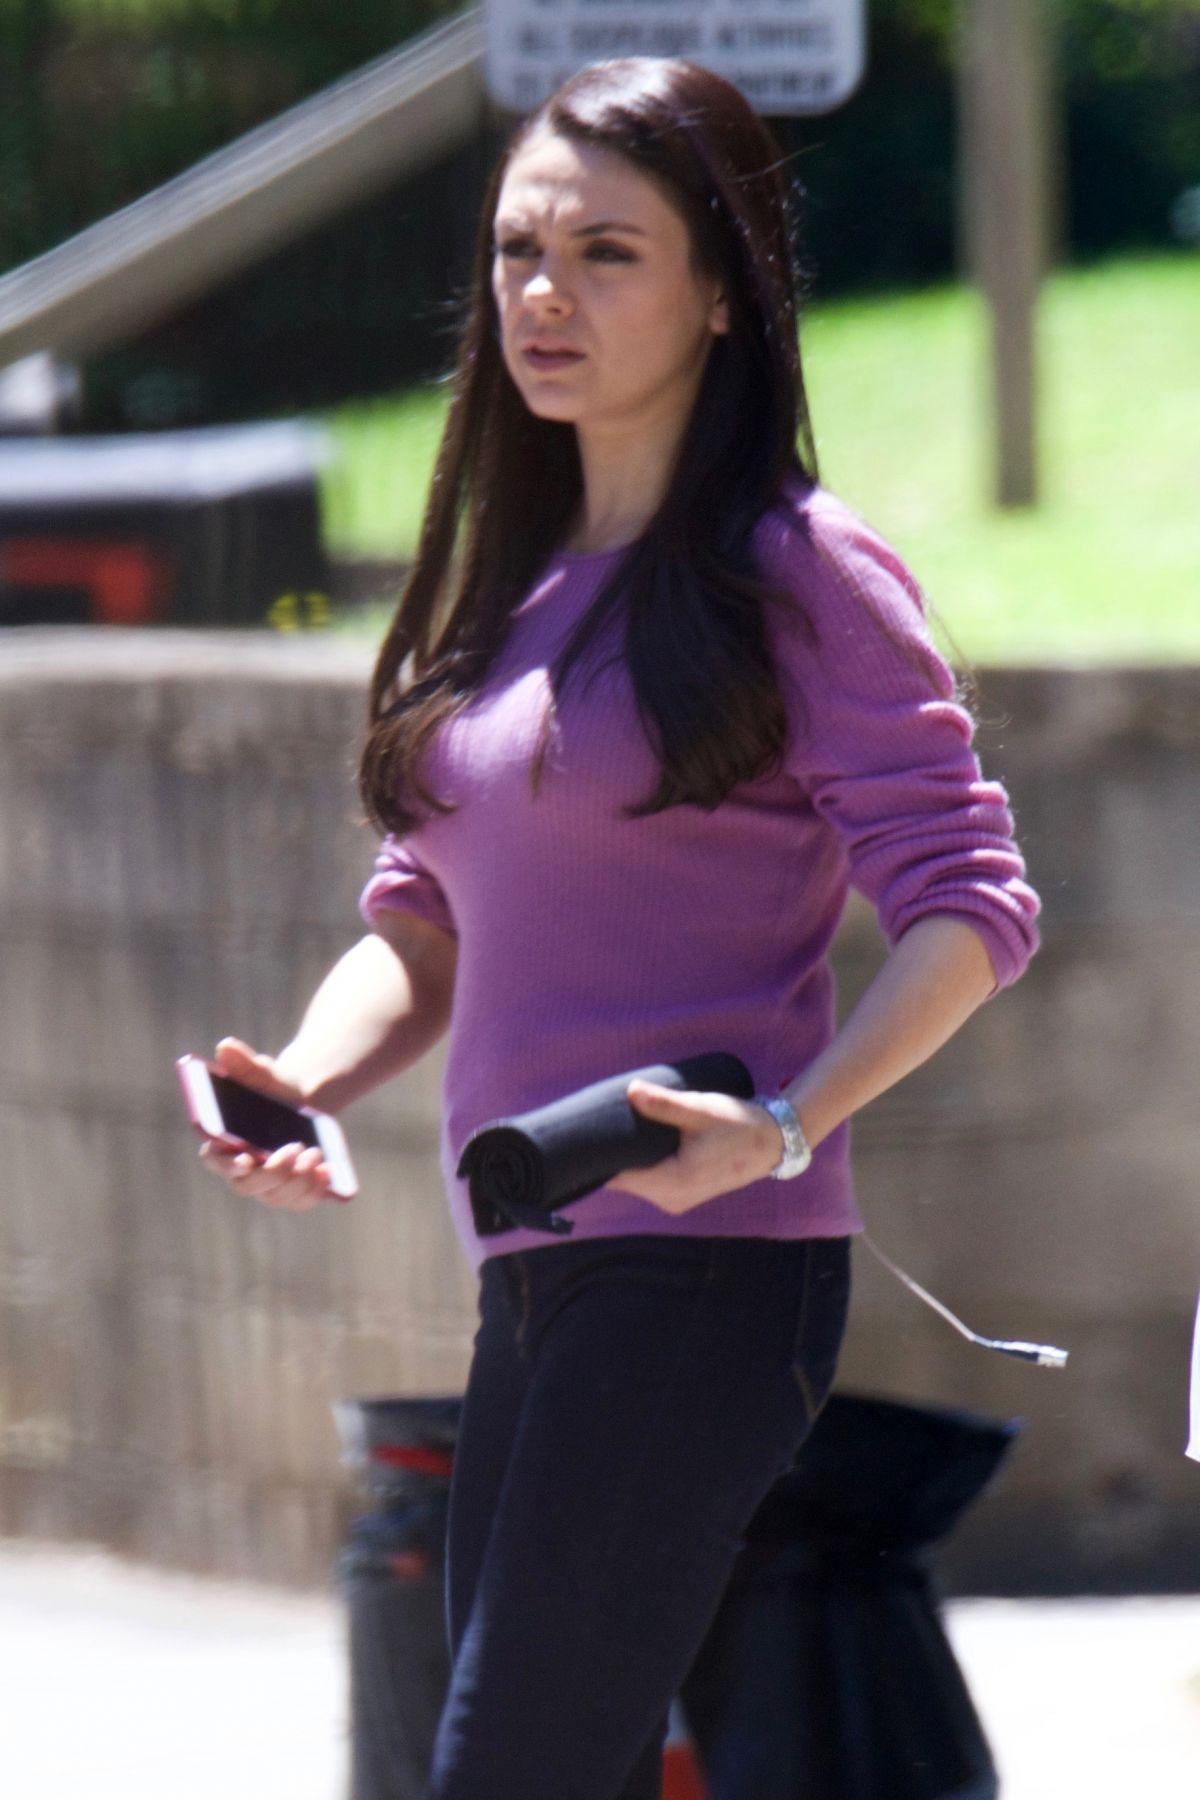 MILA KUNIS Arrives on the Set of Bad Mom